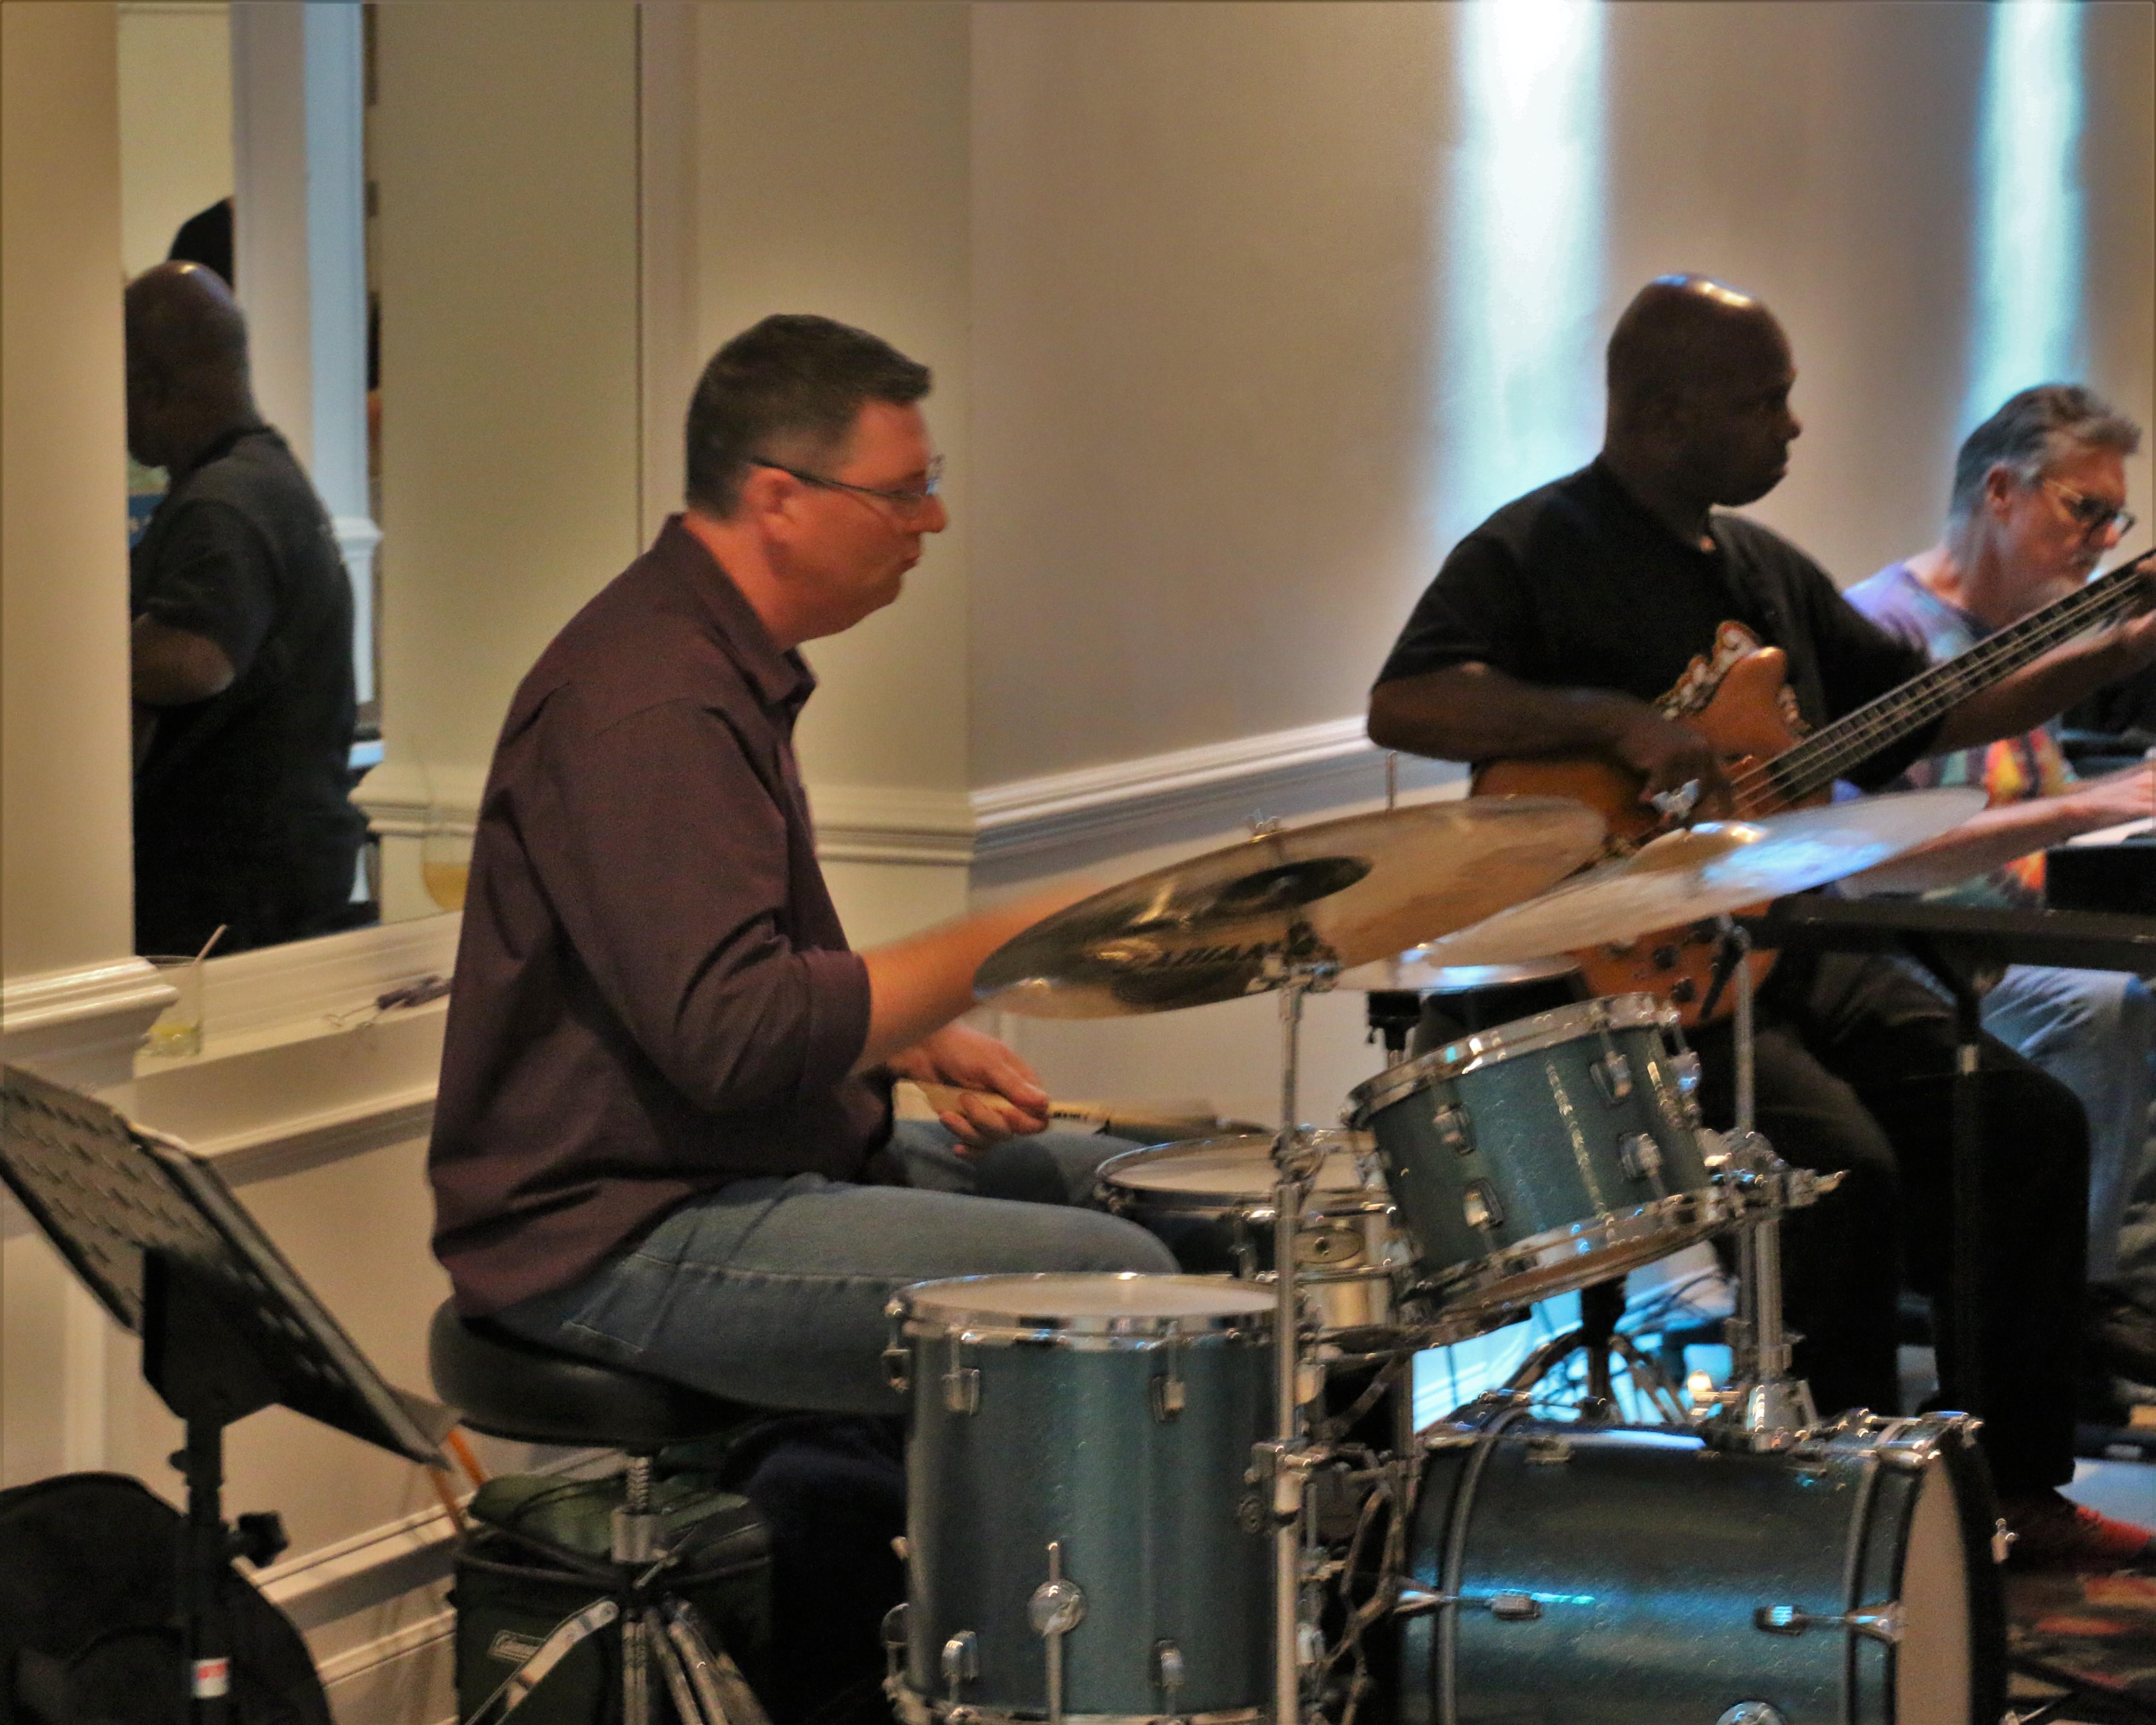 Long Beach Jazz Jam